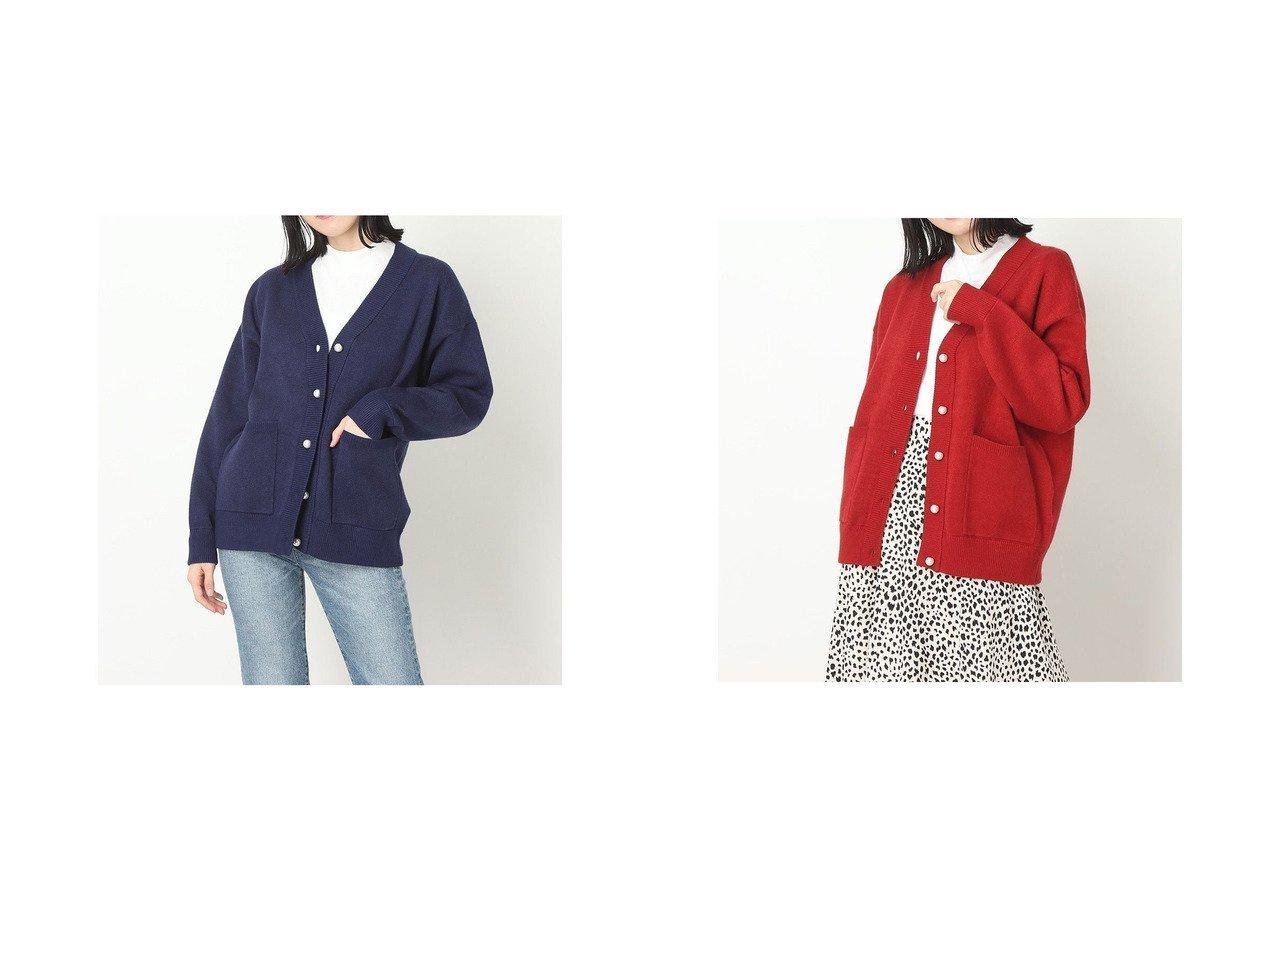 【nina mew/ニーナミュウ】のキティカーディガン おすすめ!人気、トレンド・レディースファッションの通販 おすすめで人気の流行・トレンド、ファッションの通販商品 インテリア・家具・メンズファッション・キッズファッション・レディースファッション・服の通販 founy(ファニー) https://founy.com/ ファッション Fashion レディースファッション WOMEN トップス・カットソー Tops/Tshirt カーディガン Cardigans 2021年 2021 2021春夏・S/S SS/Spring/Summer/2021 S/S・春夏 SS・Spring/Summer カーディガン シンプル プリント 夏 Summer 春 Spring |ID:crp329100000061112